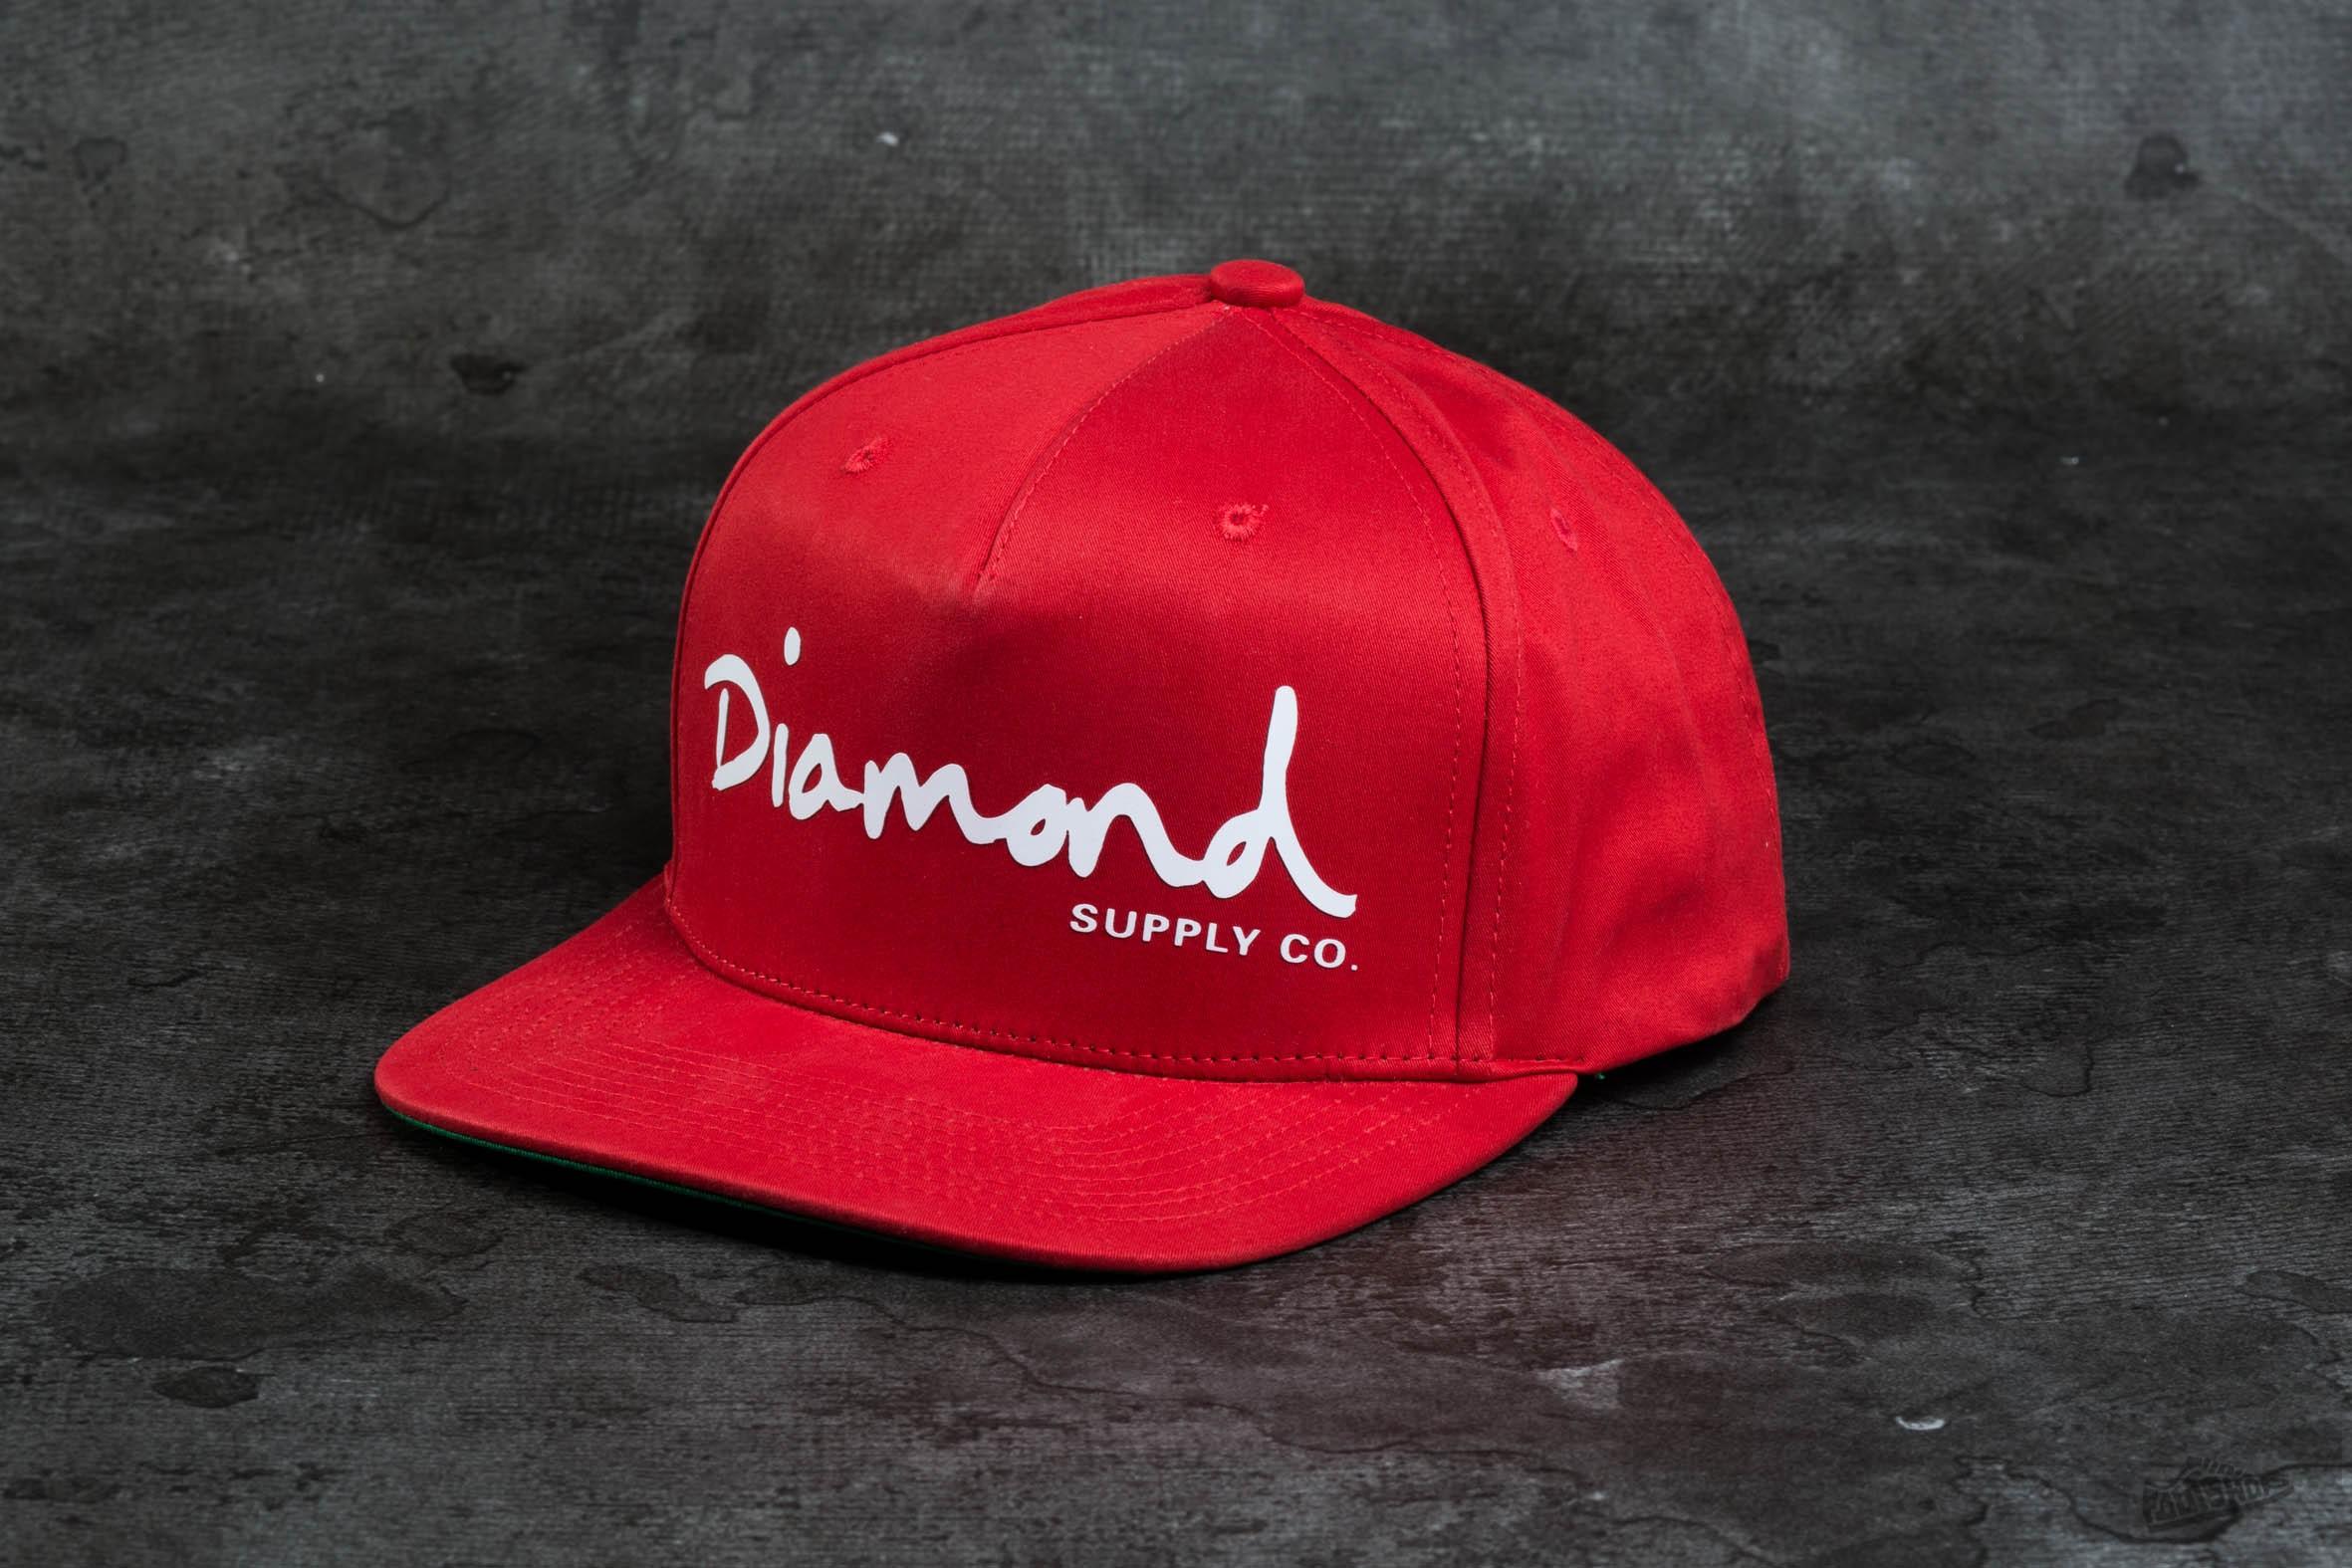 Diamond Supply Co. OG Script Snapback Red